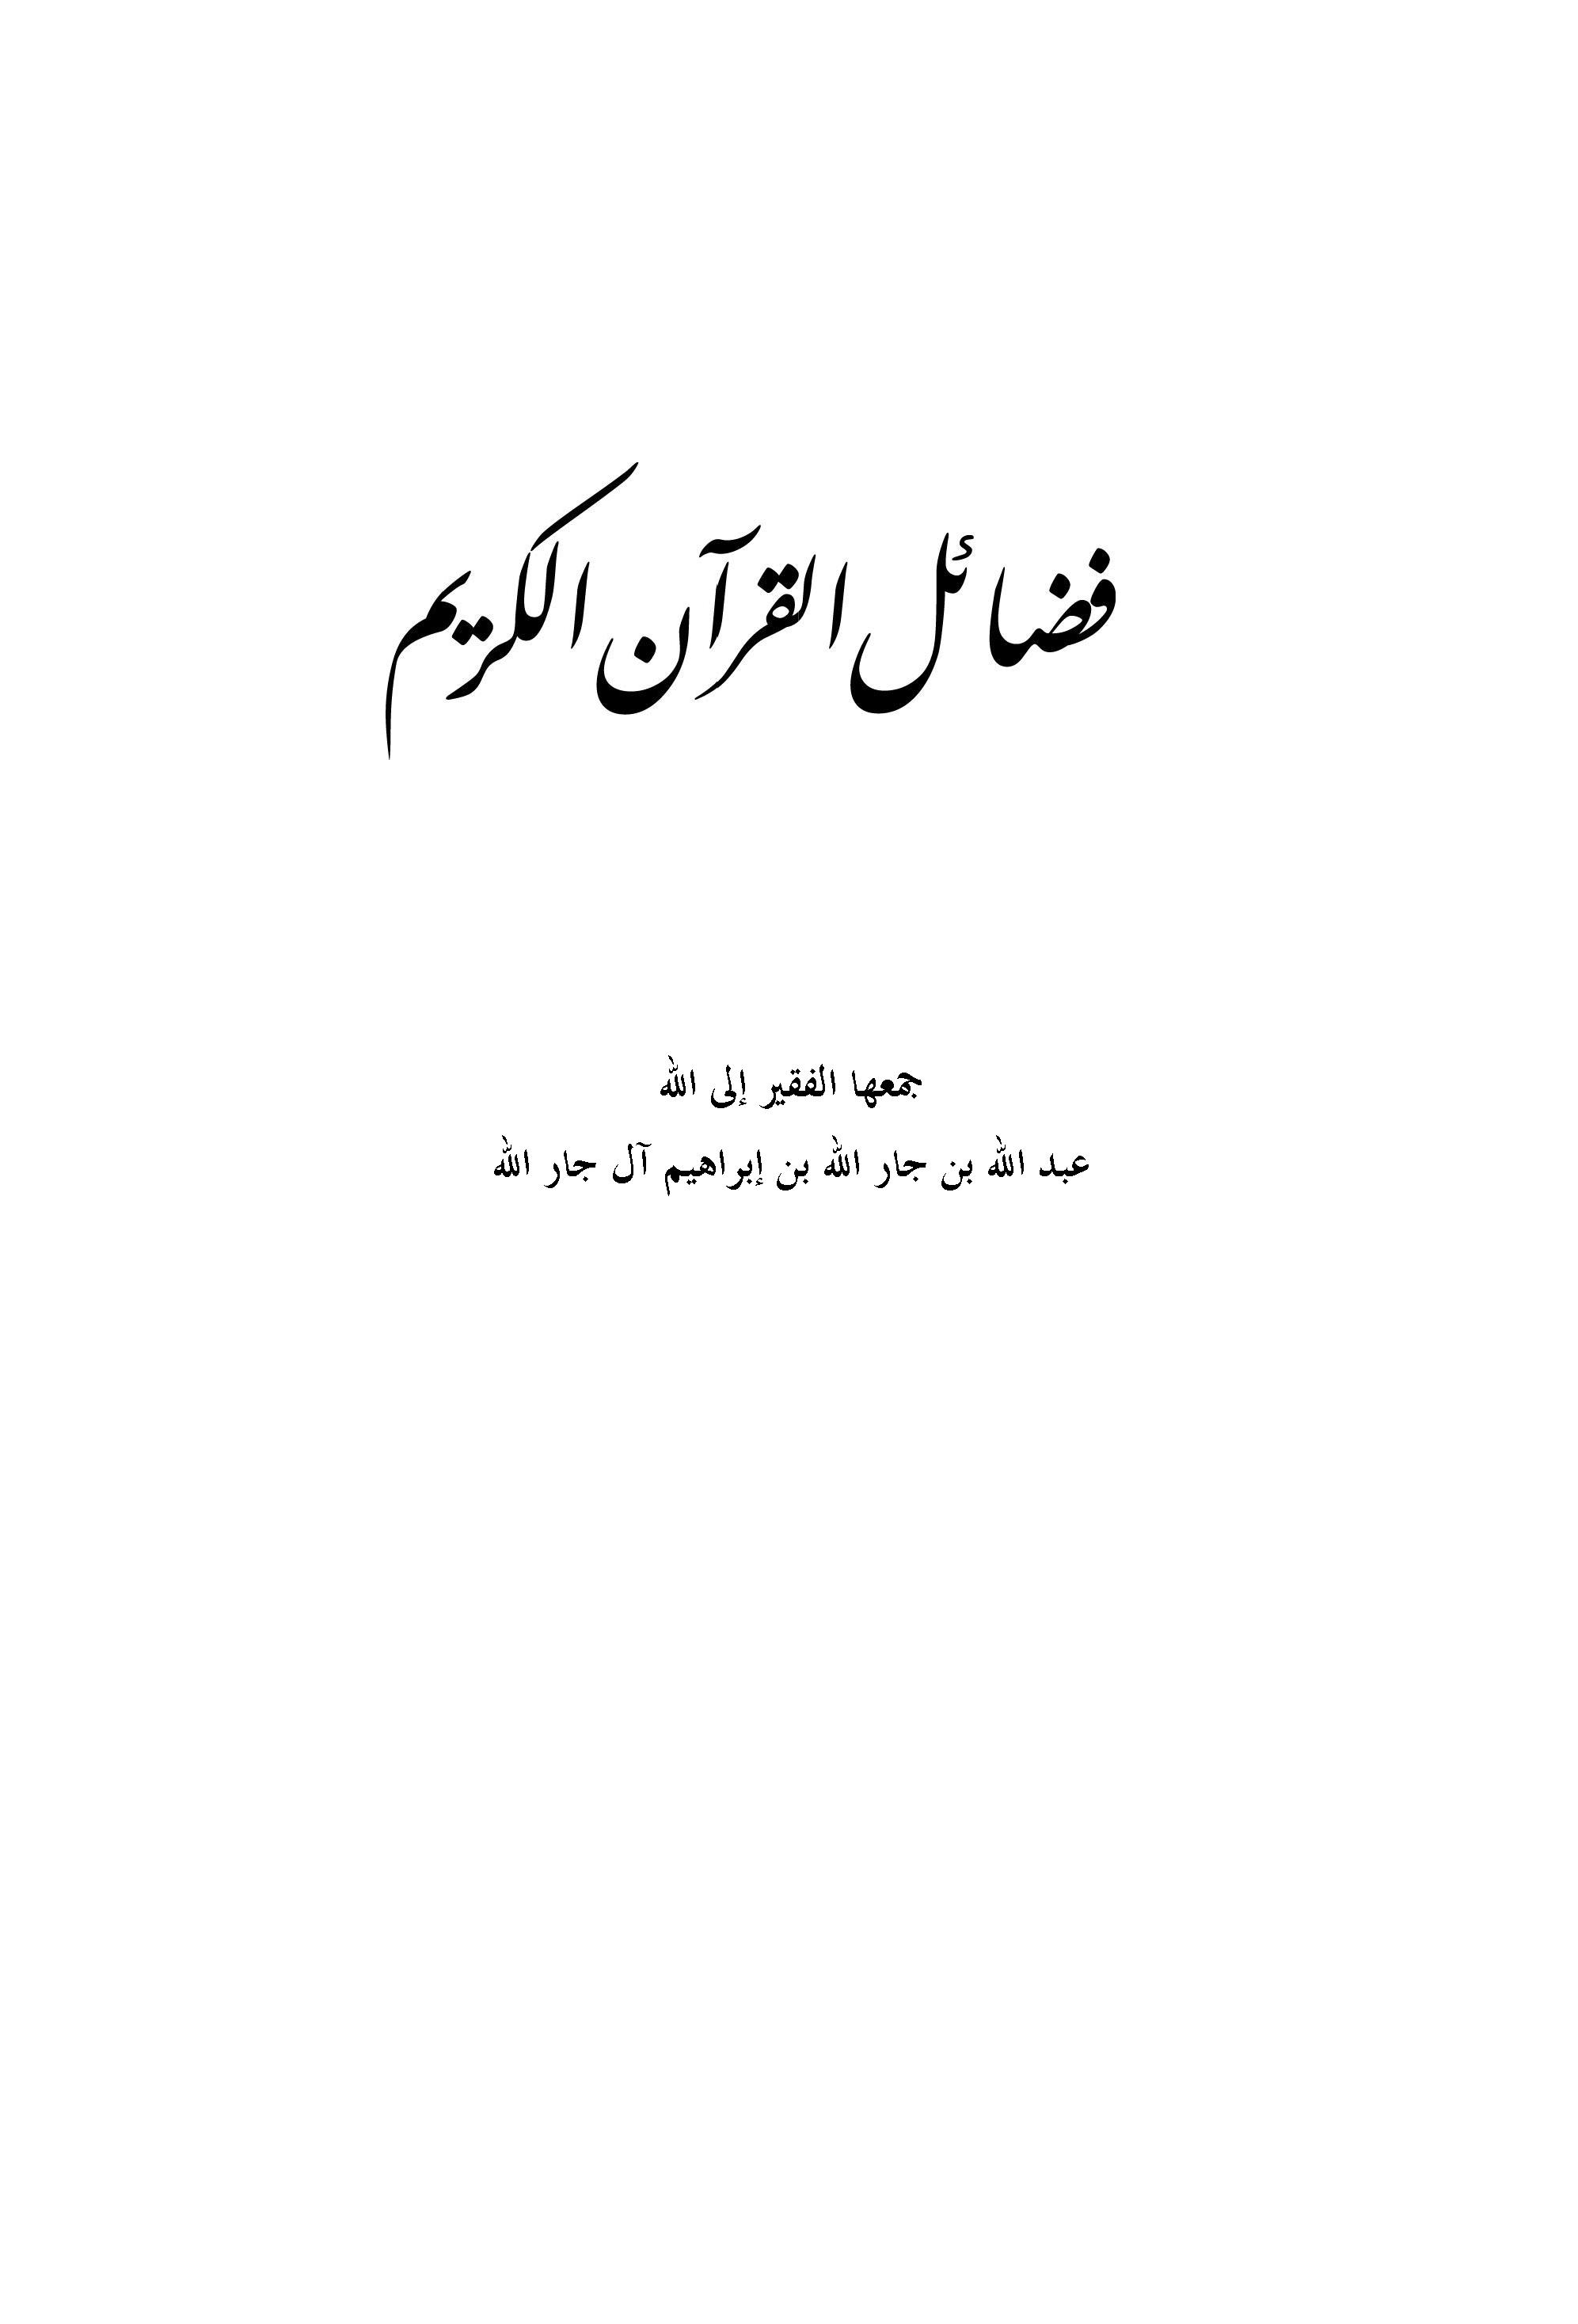 تحميل كتاب فضائل القرآن - عبد الله جار الله لـِ: الشيخ عبد الله بن جار الله بن إبراهيم آل جار الله (ت 1414)